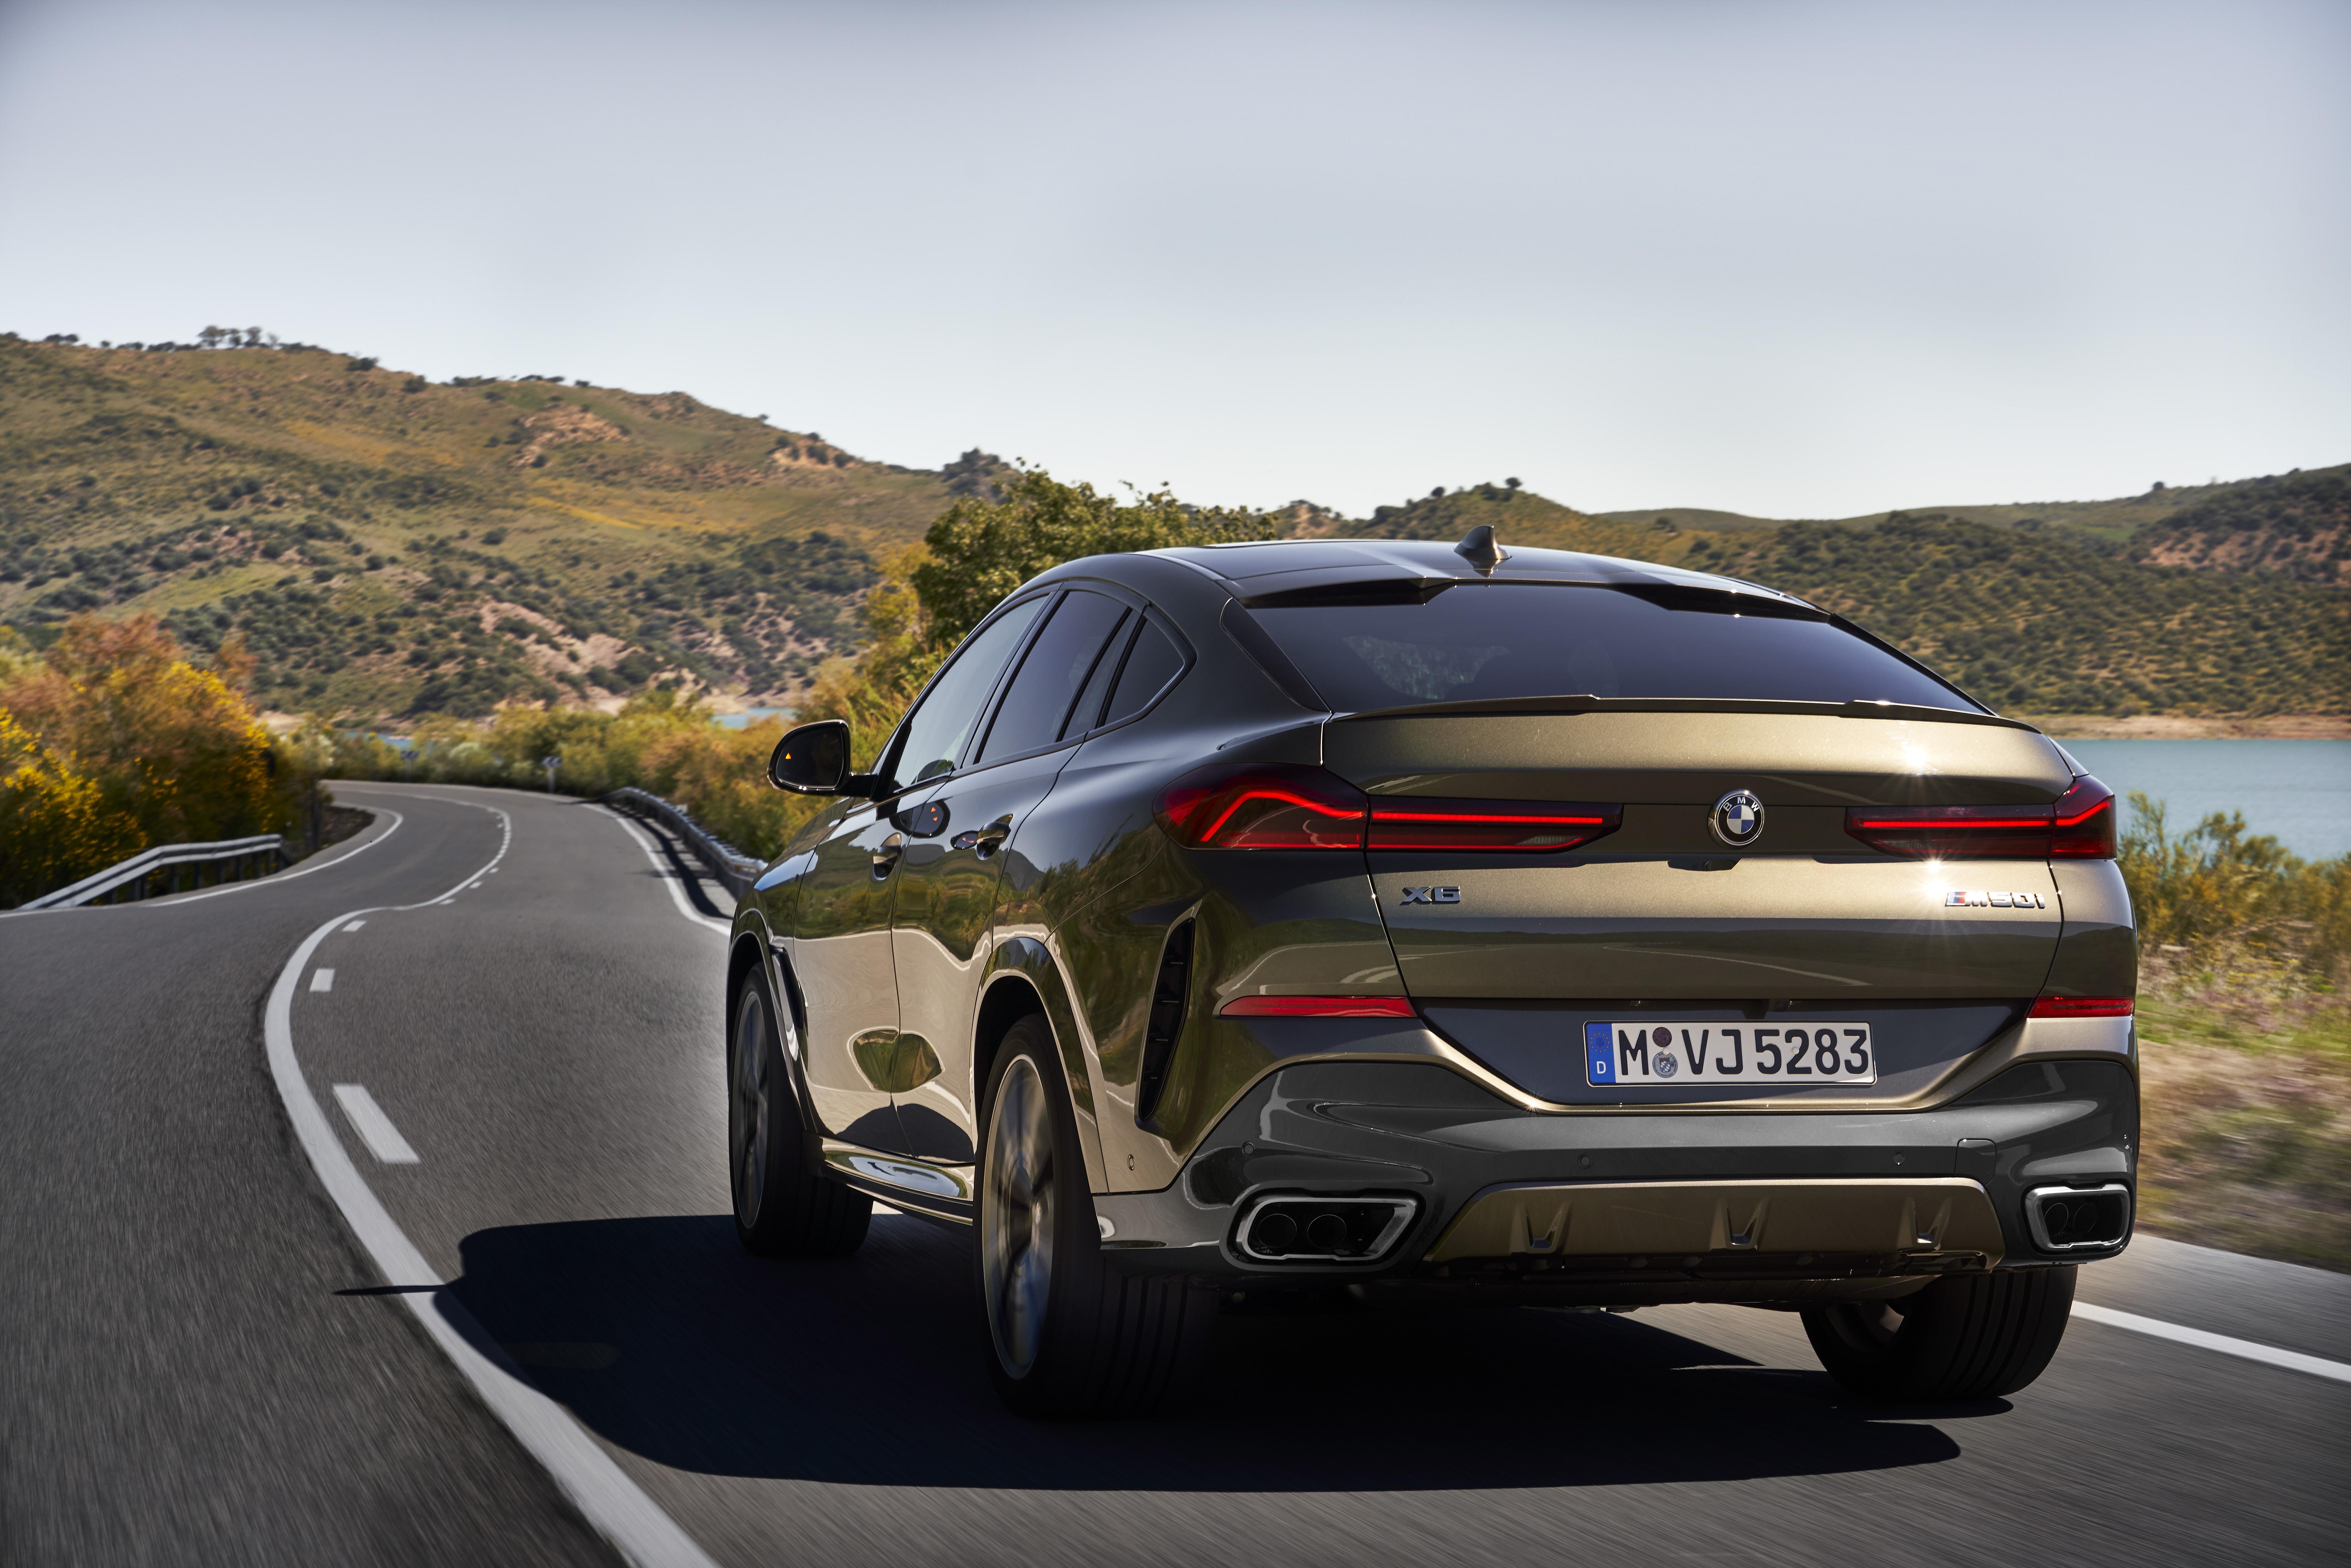 Essayer BMW X6 à Béziers, Narbonne et Carcassonne